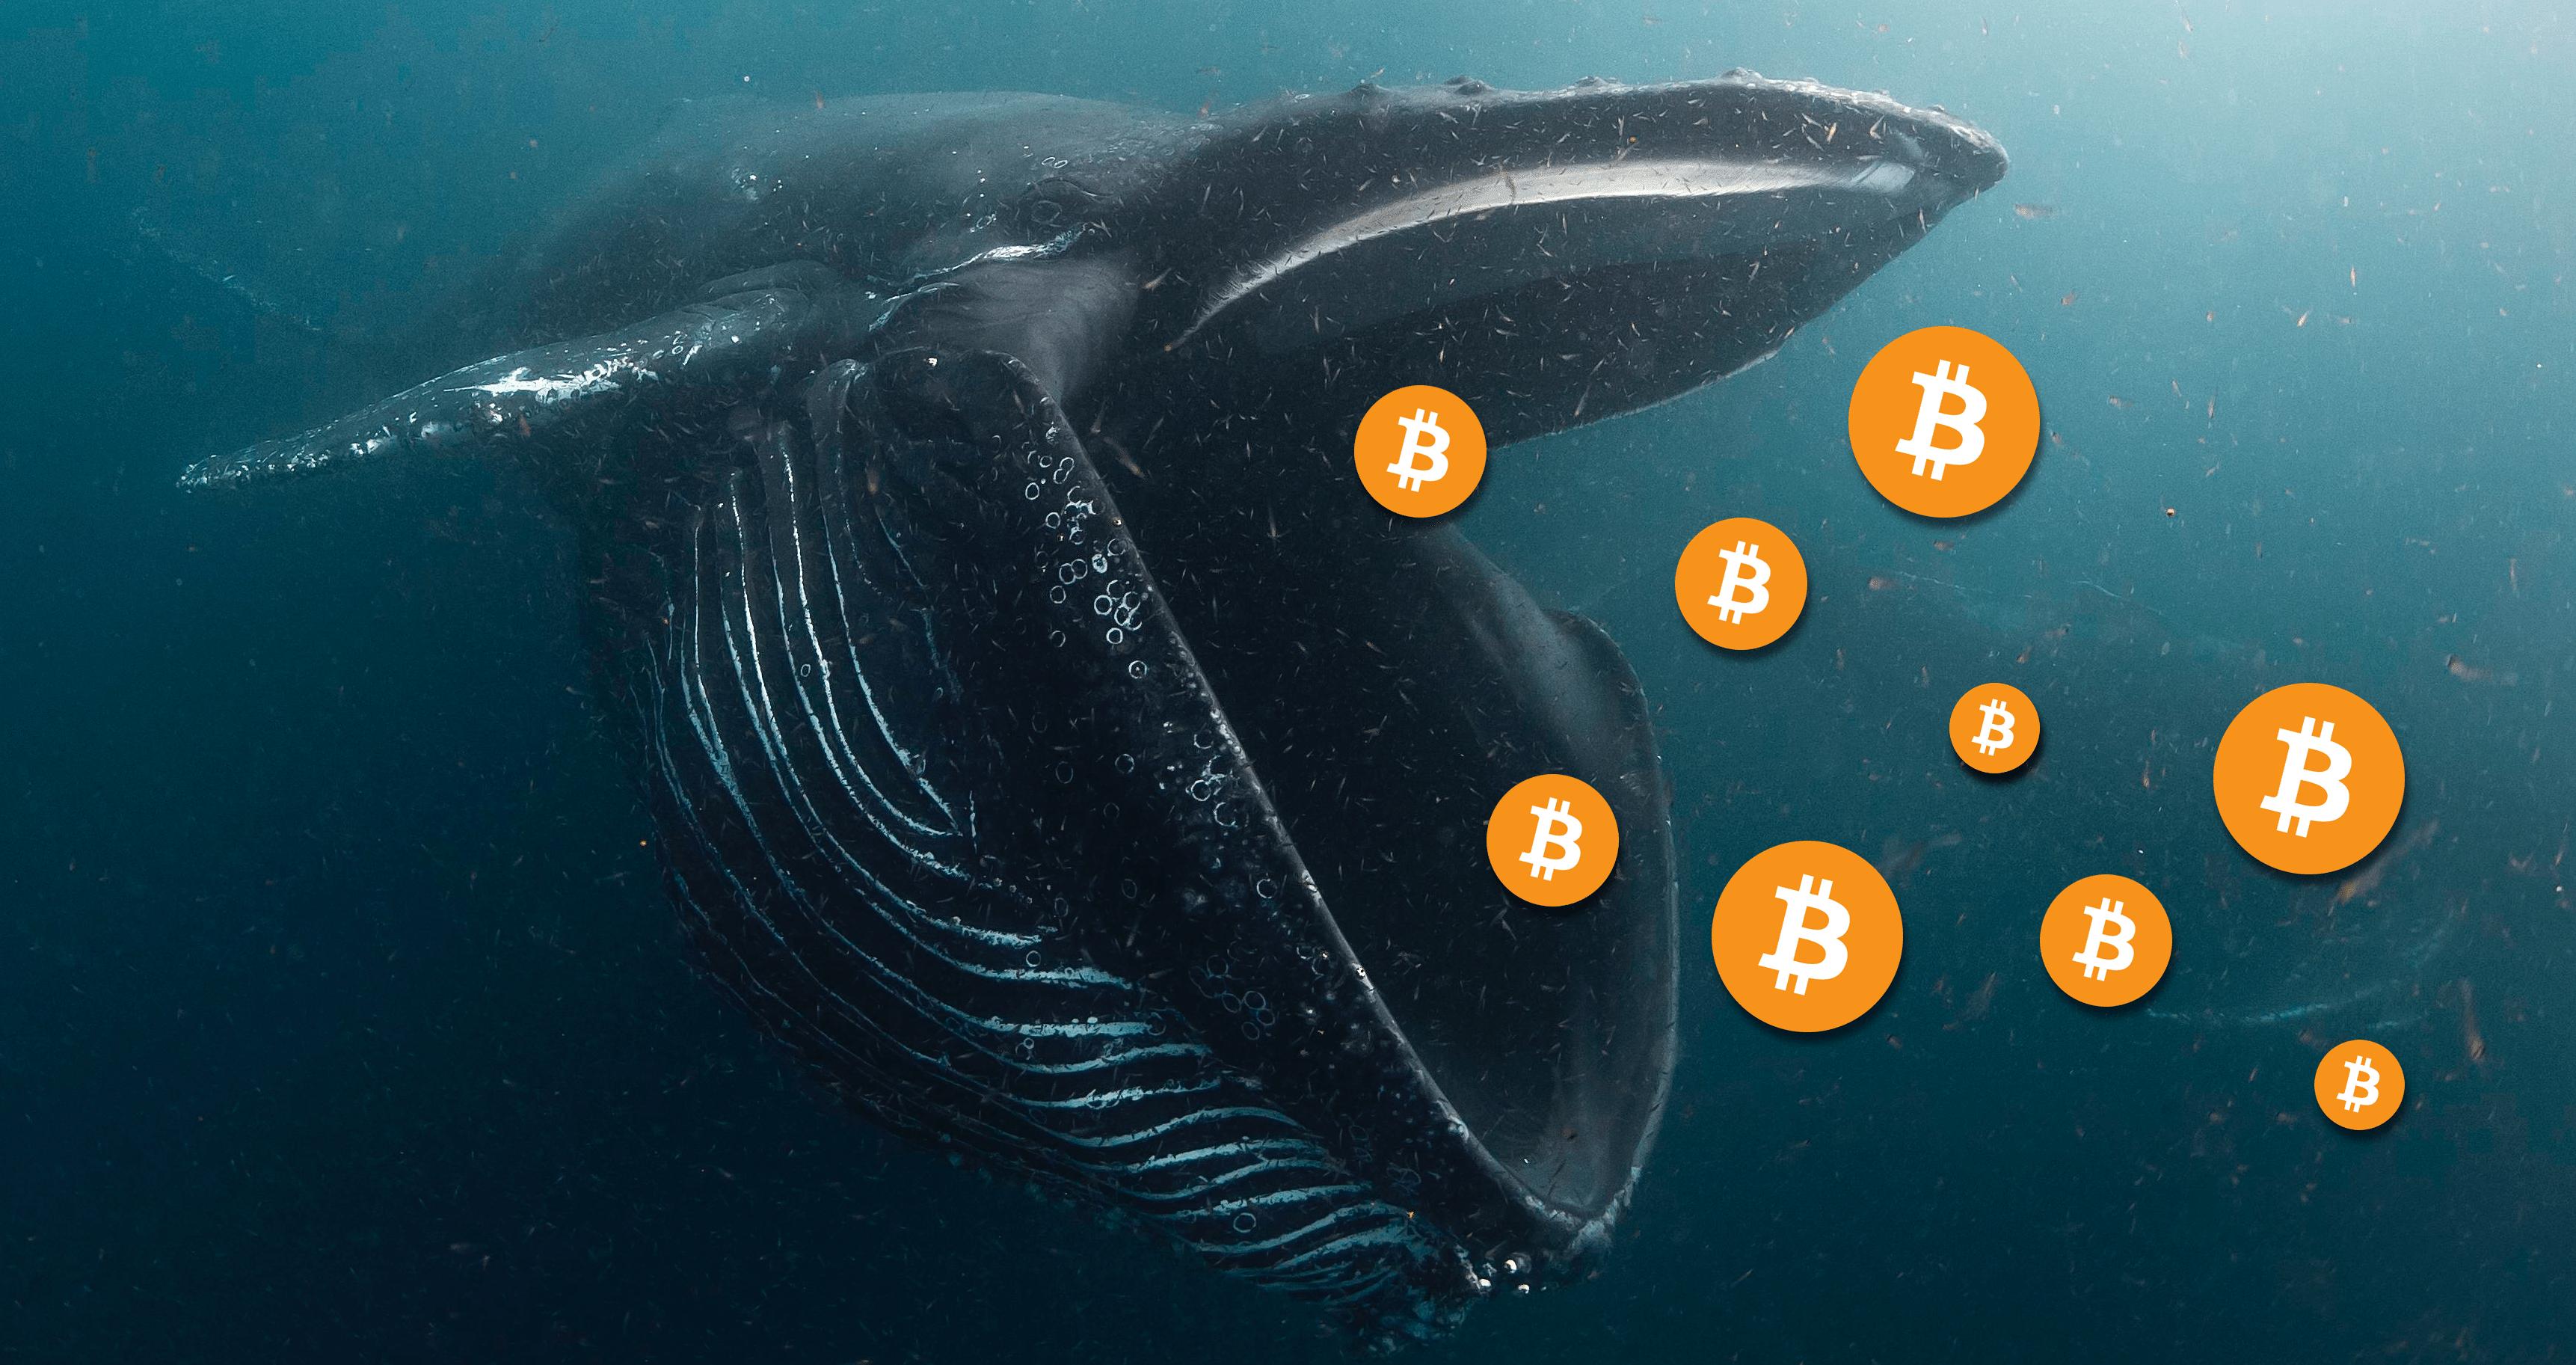 Bitcoin balinaları yarılanma oncesi birikimlere basladı